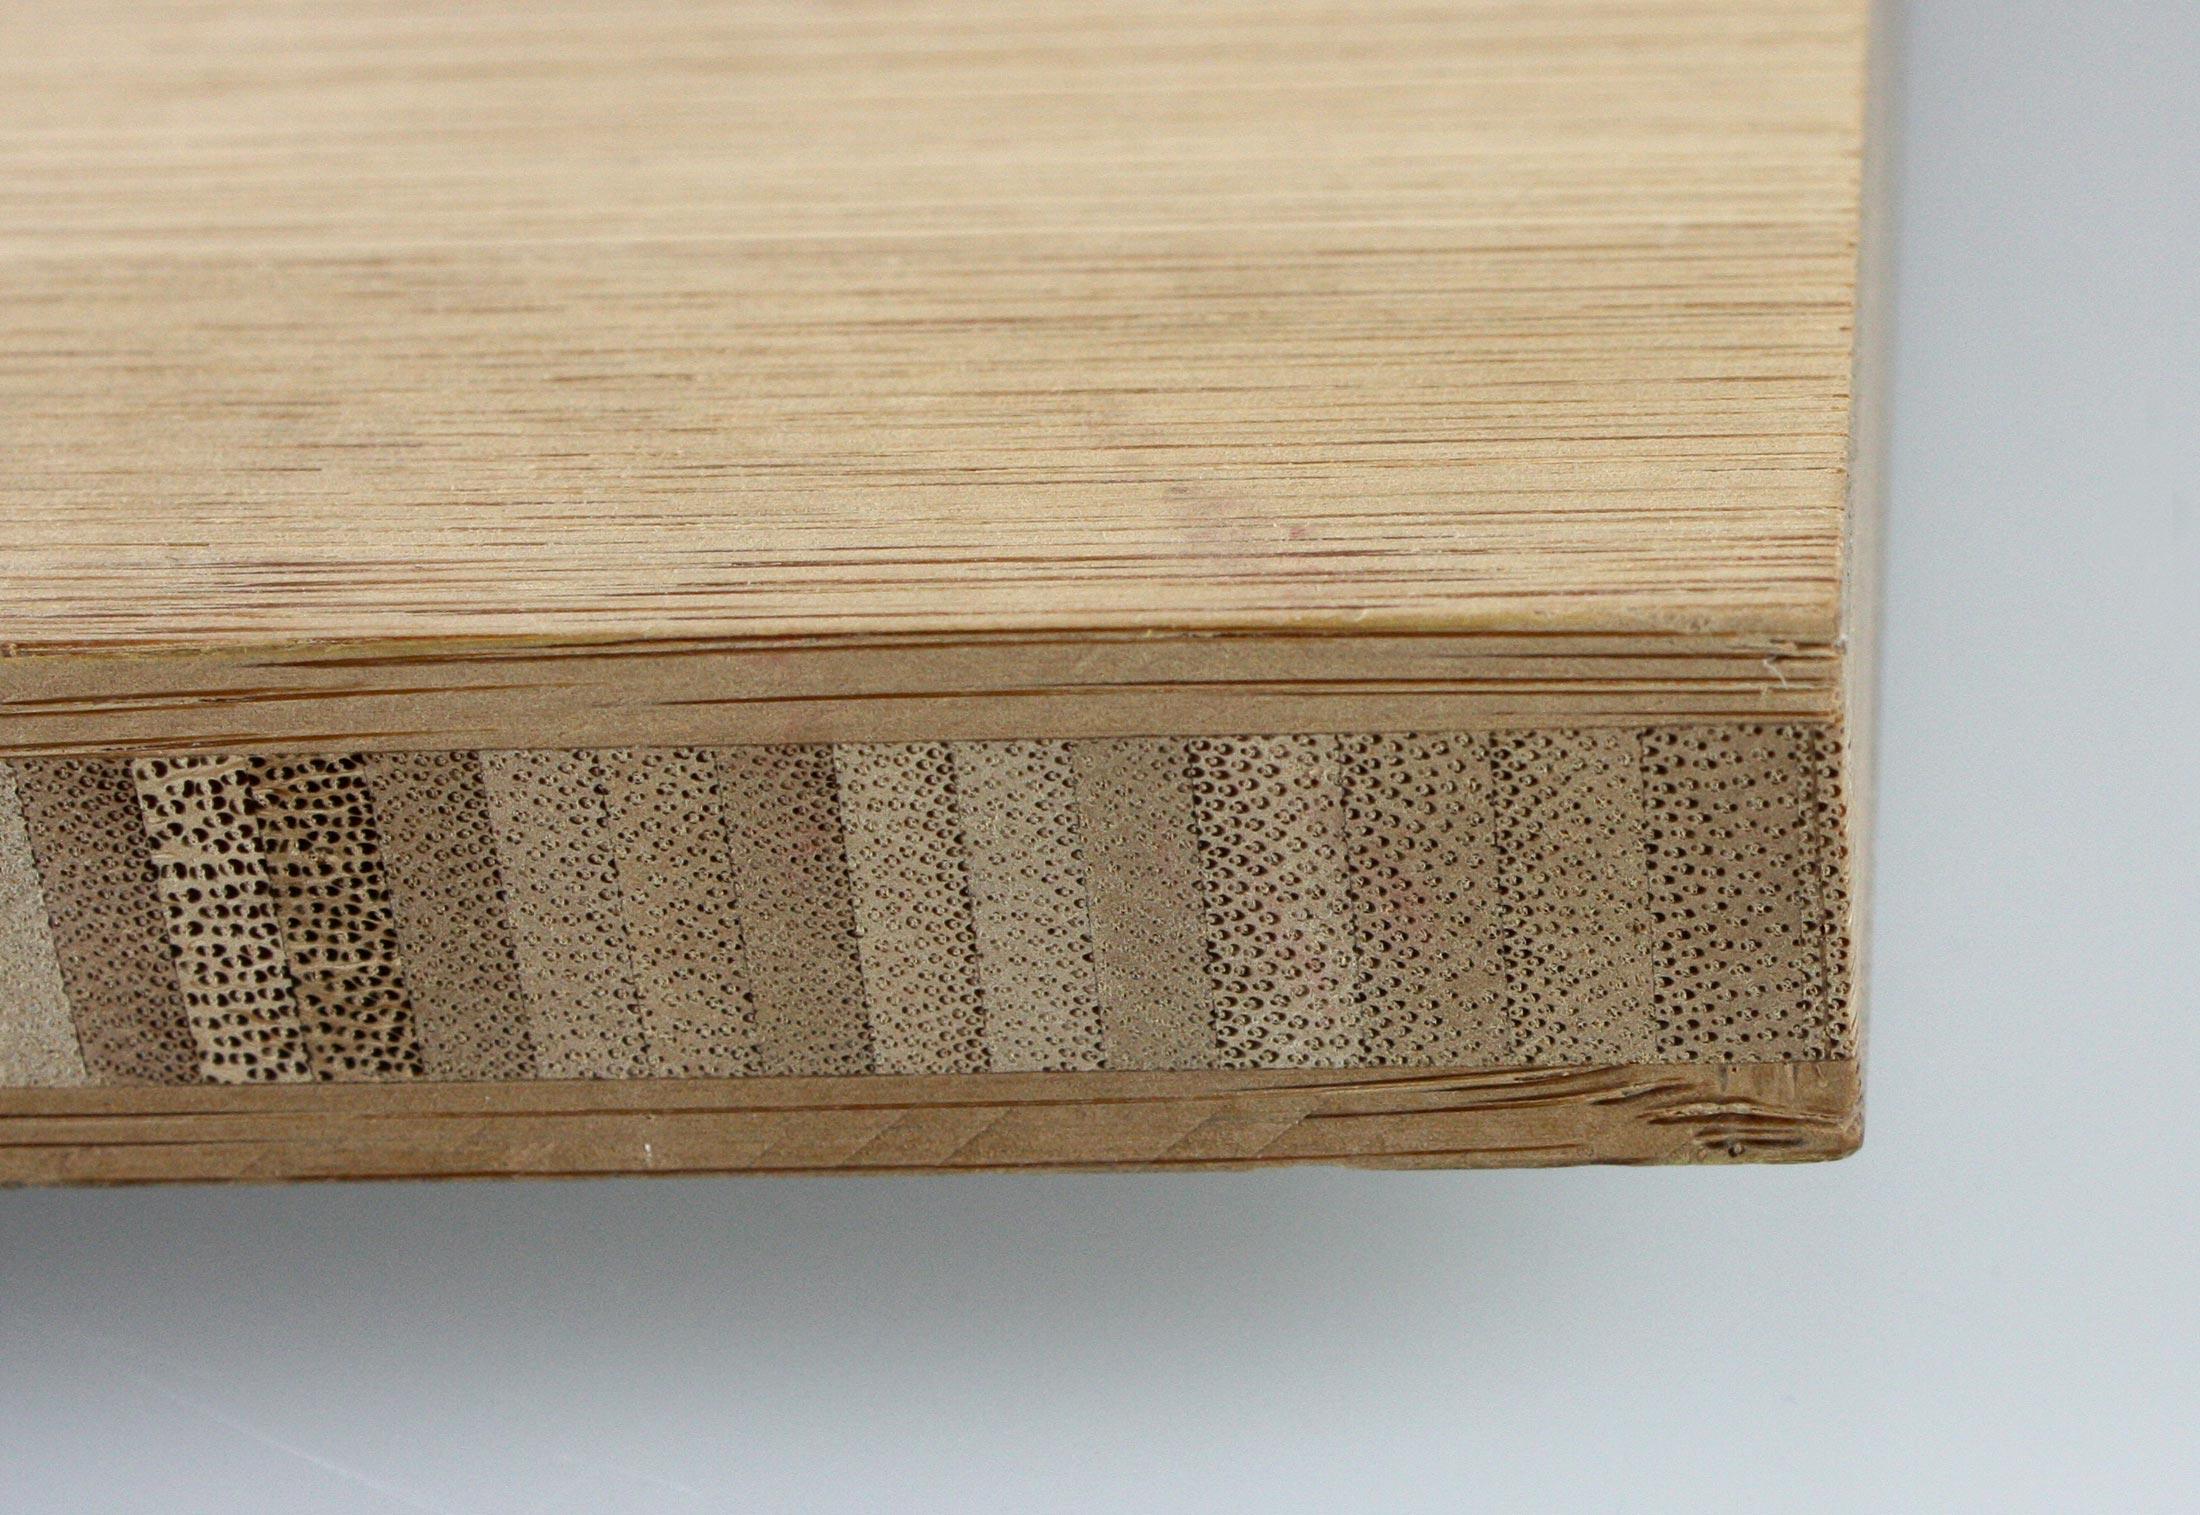 moso® 3-schicht bambusplatte von moso | stylepark